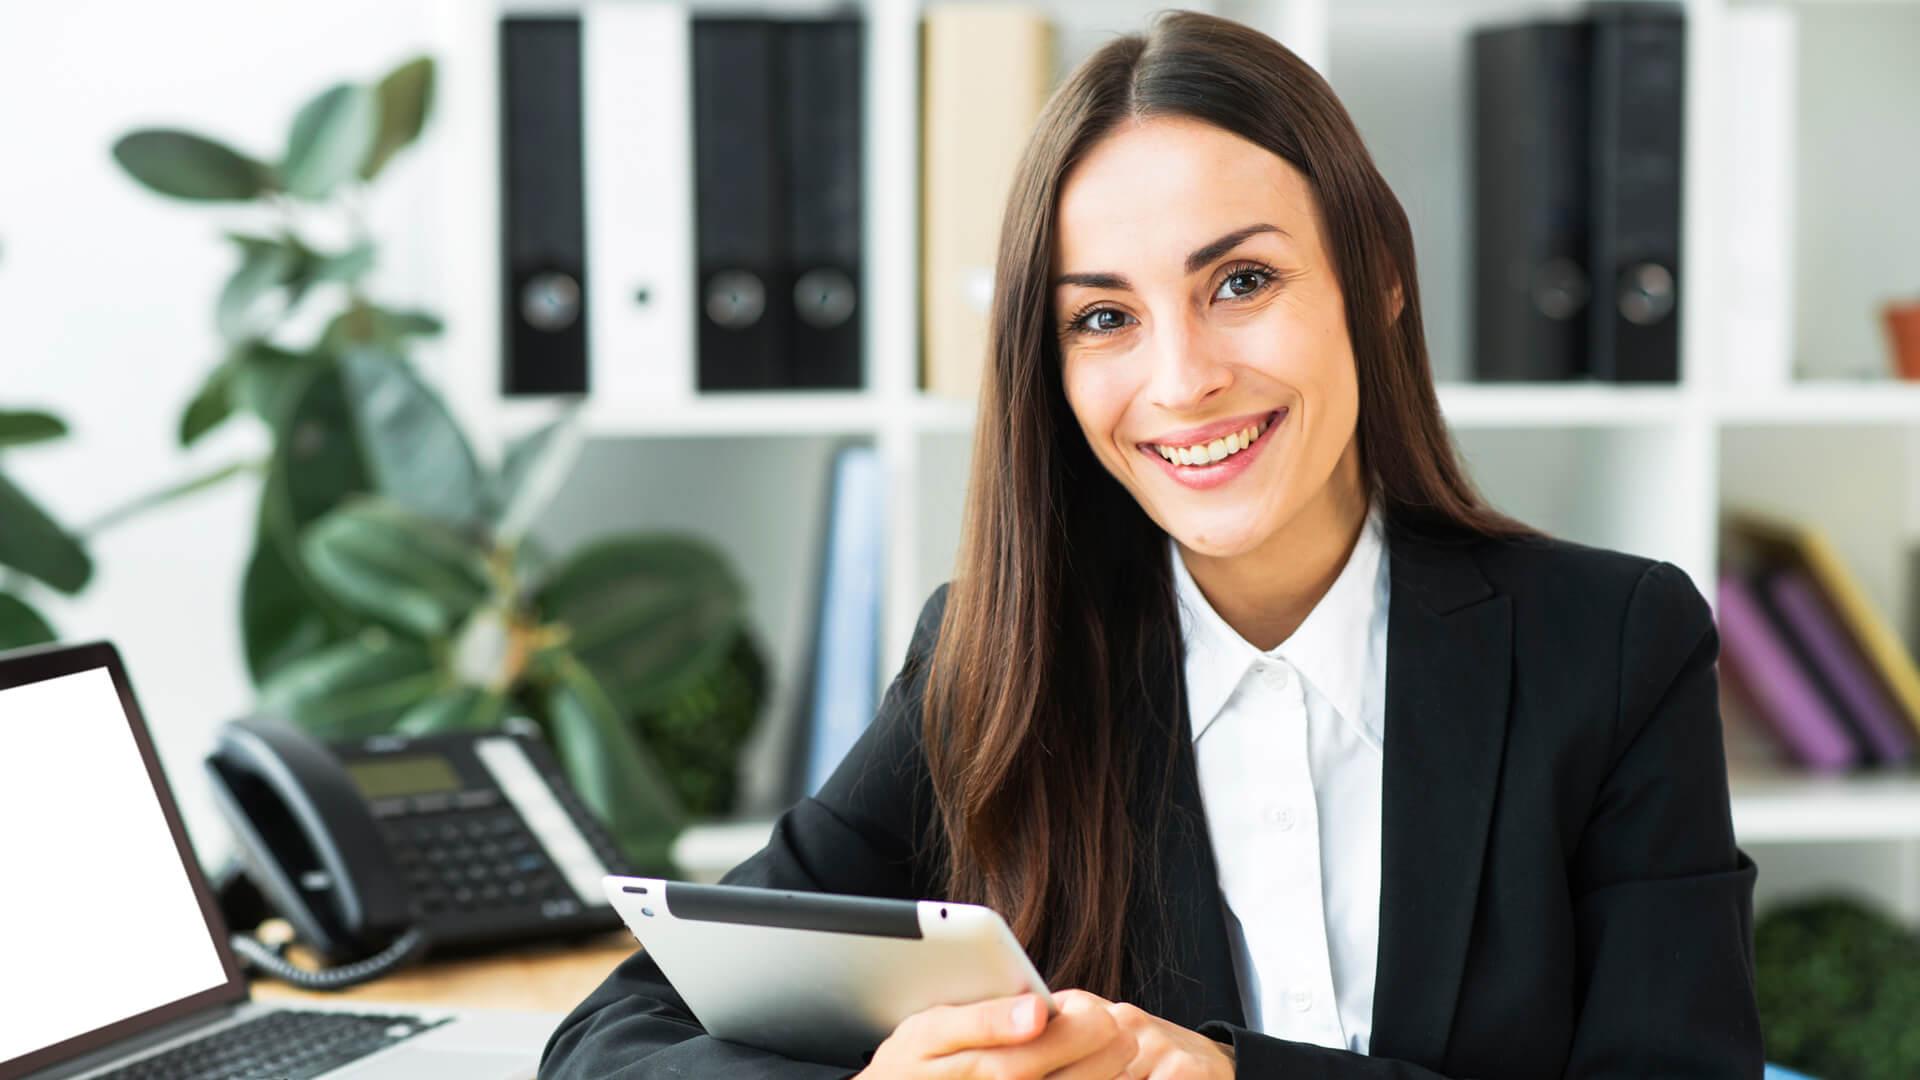 Saber cuanto cuesta el registro mercantil en Colombia, te ayudará a prepararte para constituir tu futura empresa